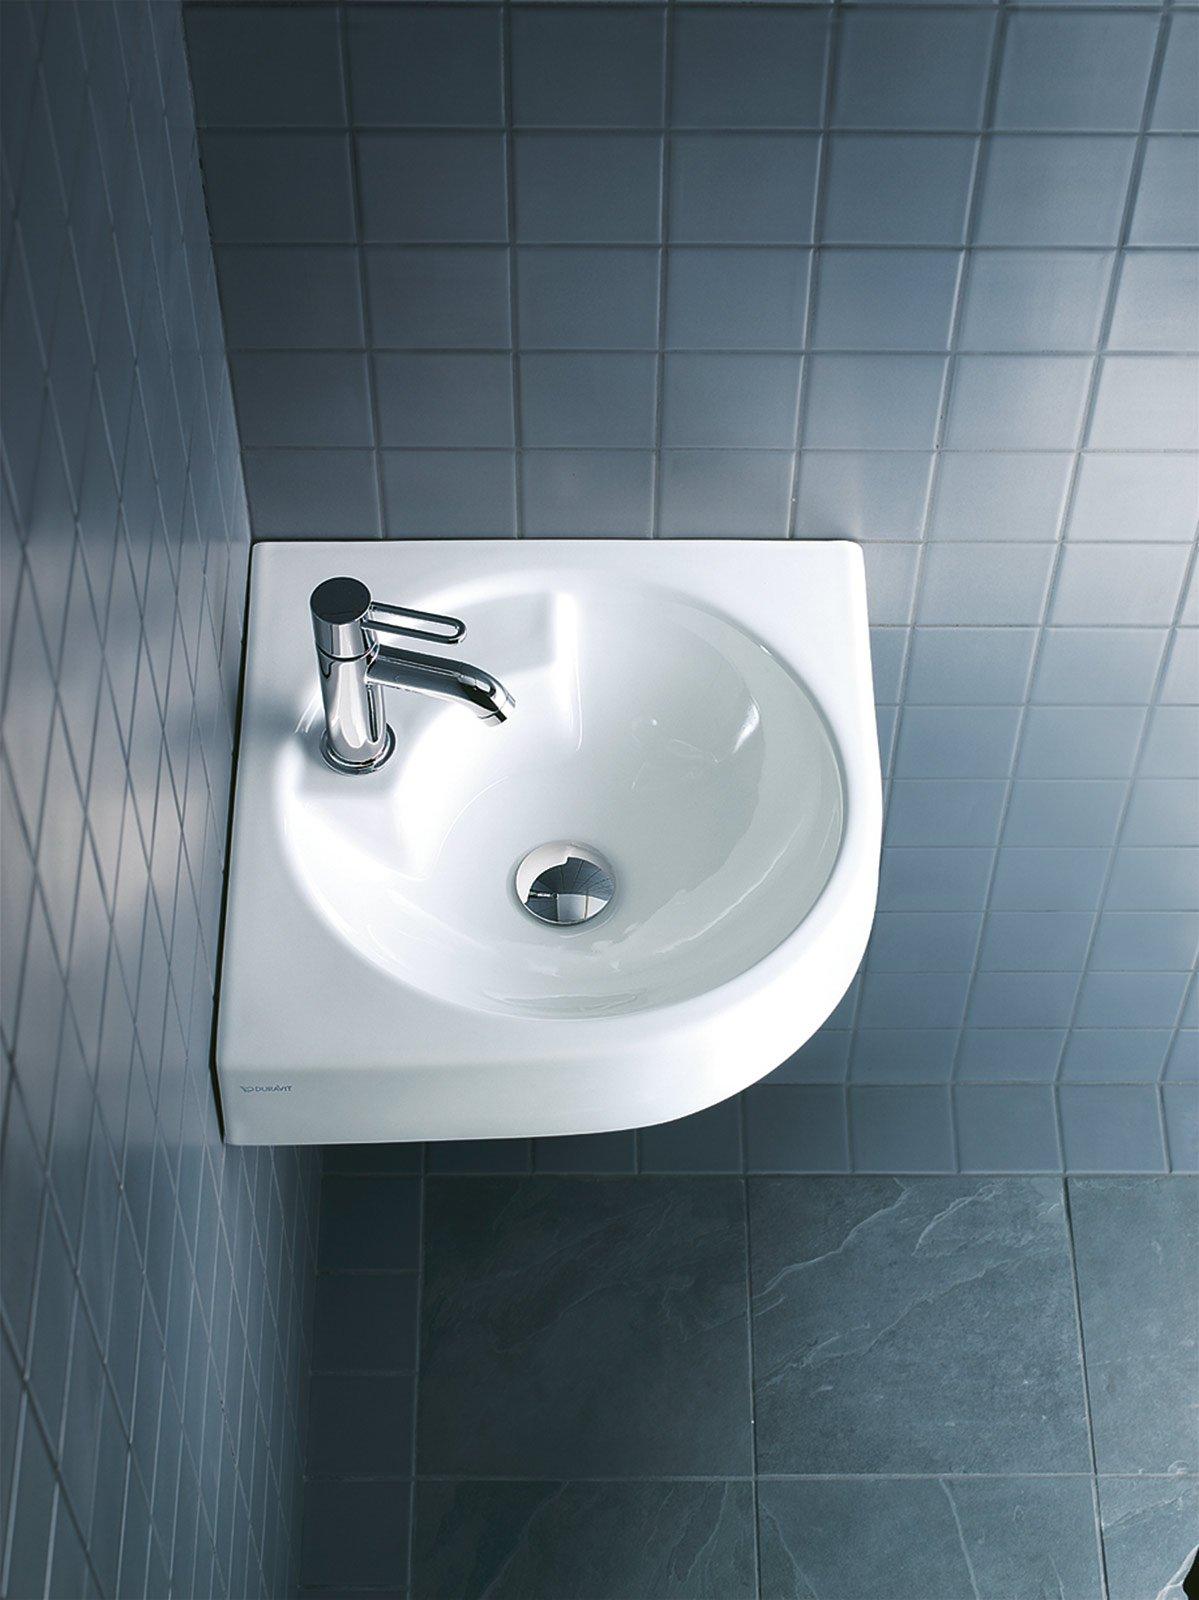 Il lavabo ad angolo Architec di Duravit in ceramica bianca sanitaria ...